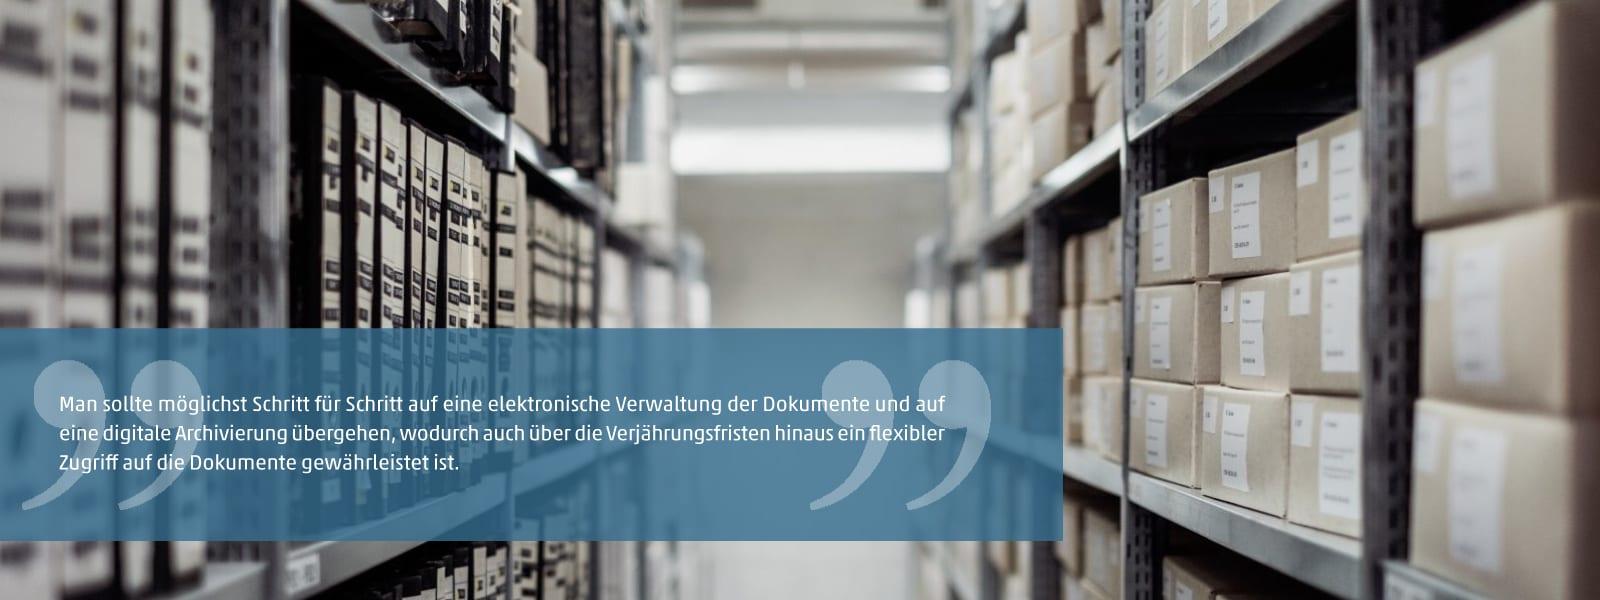 Aufbewahrung von Dokumenten und ihre Aussonderung